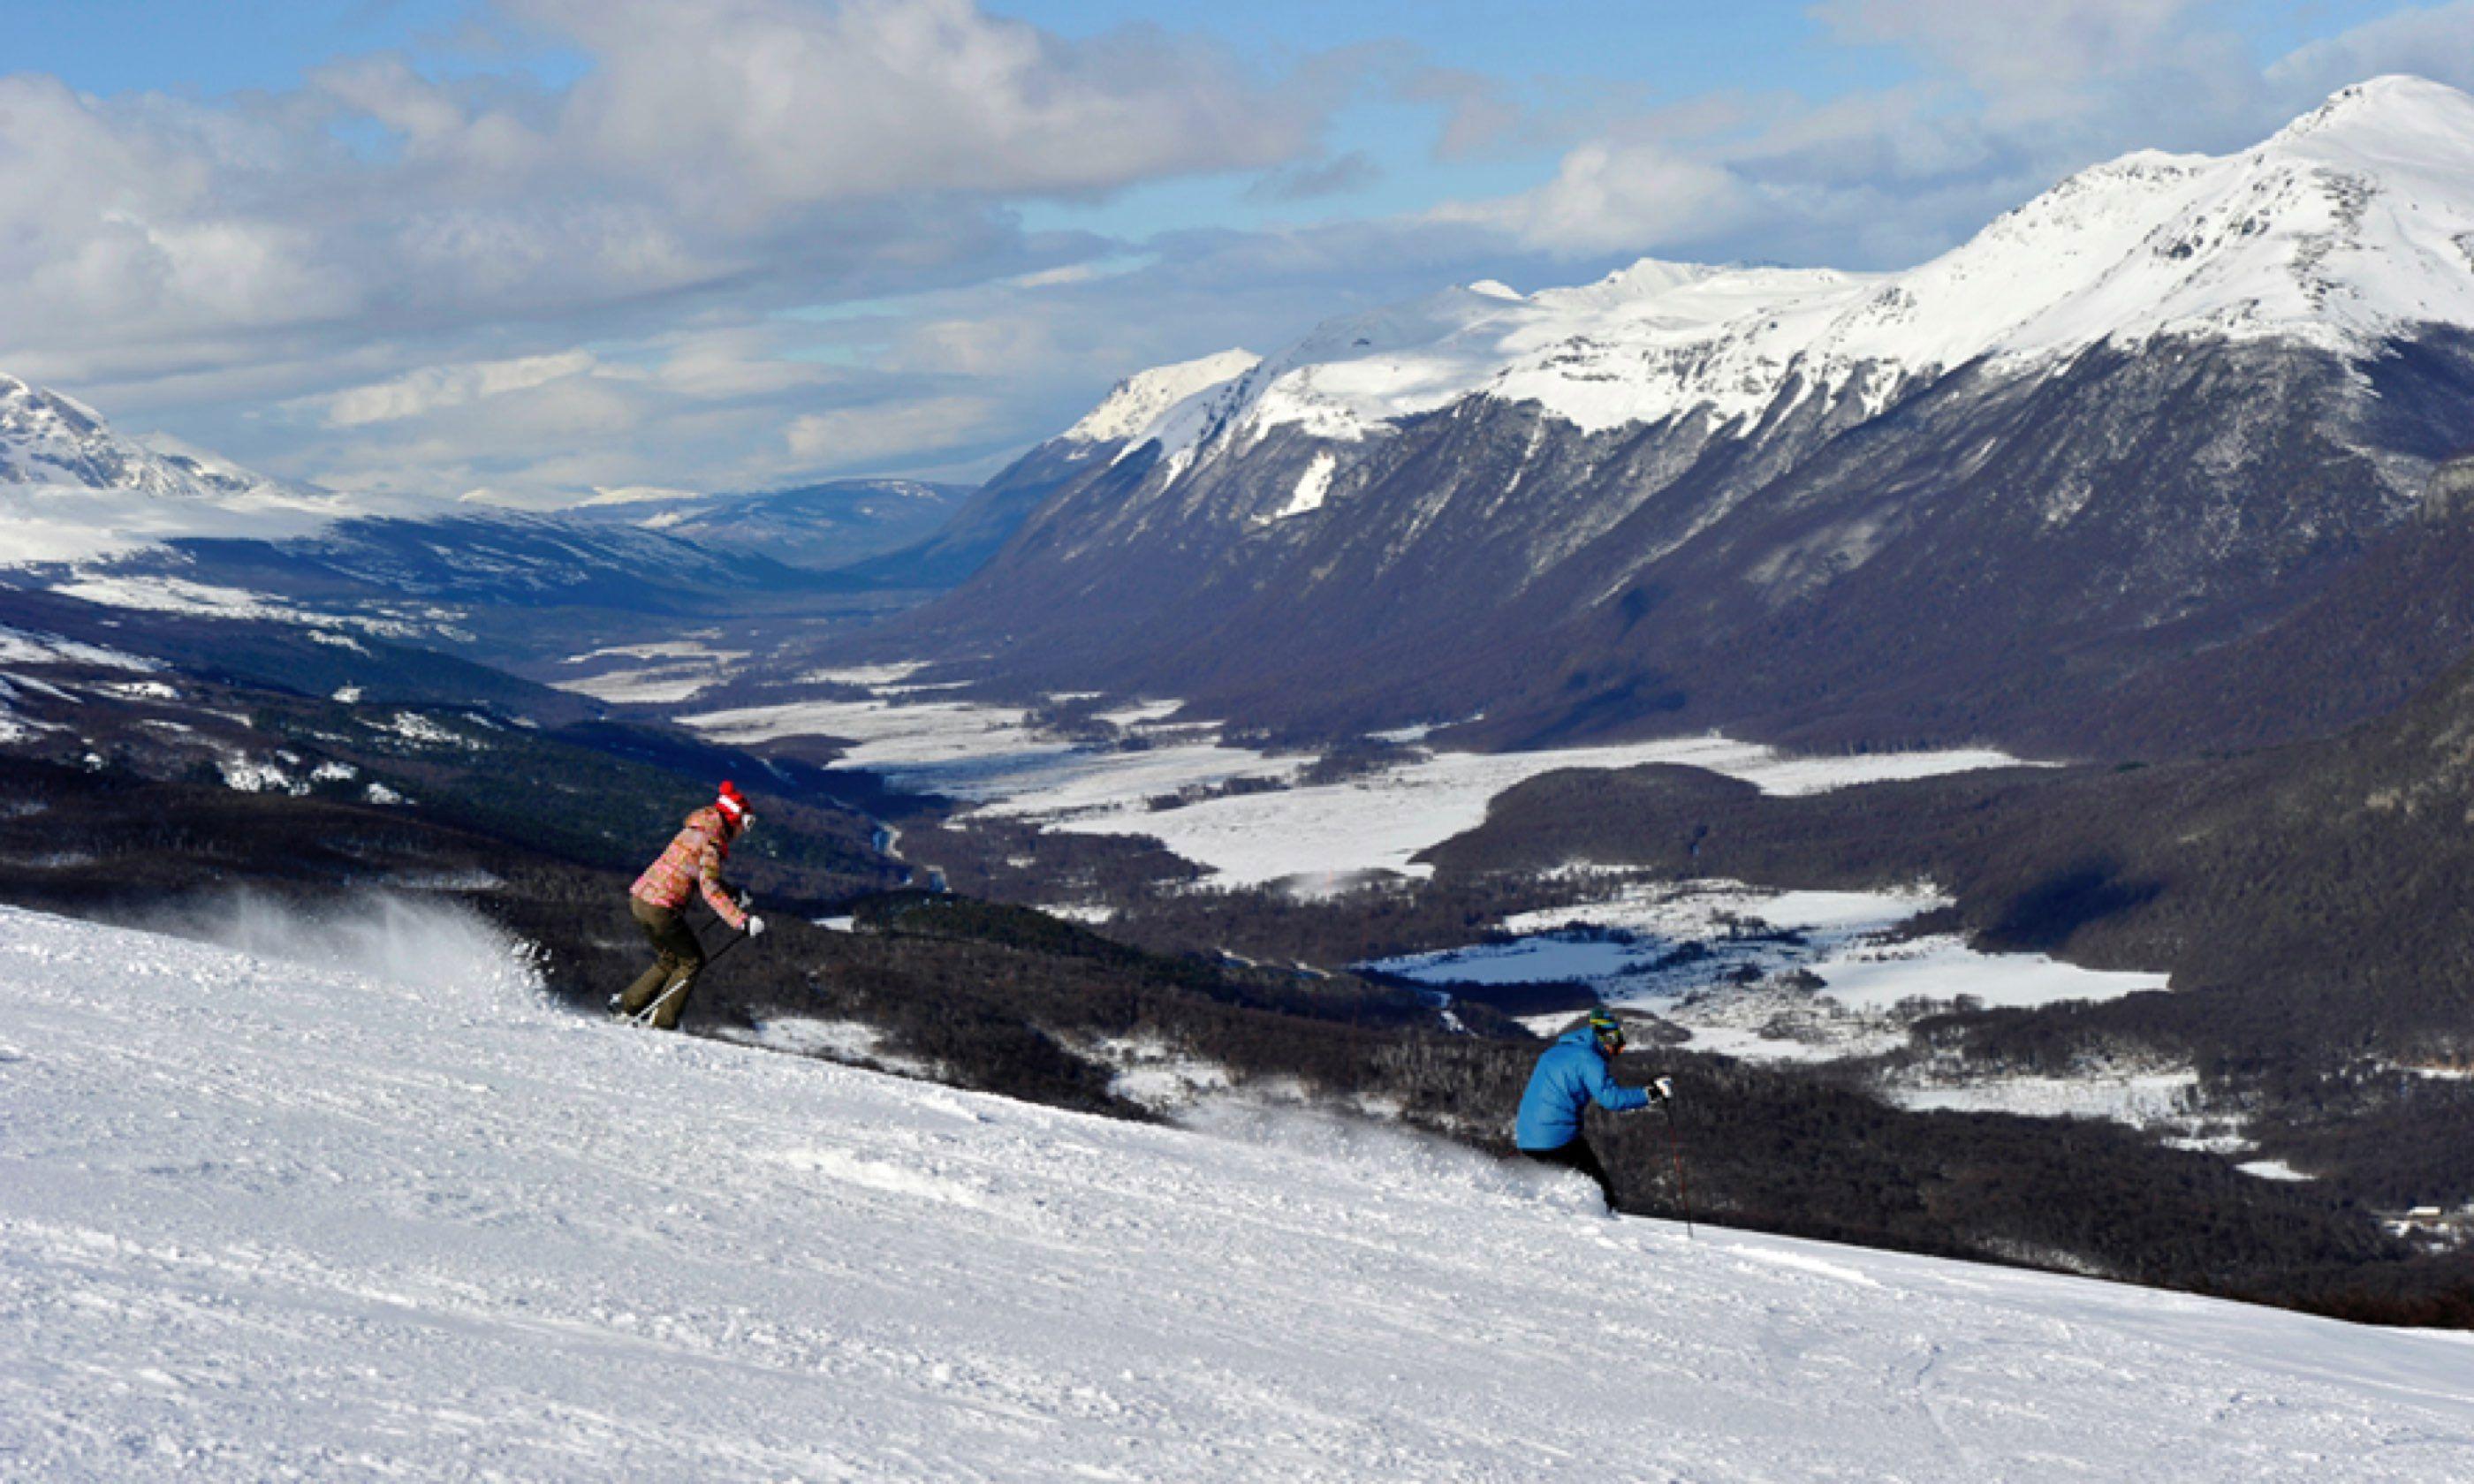 Skiing Cerro Castor (cerrocaster.com)